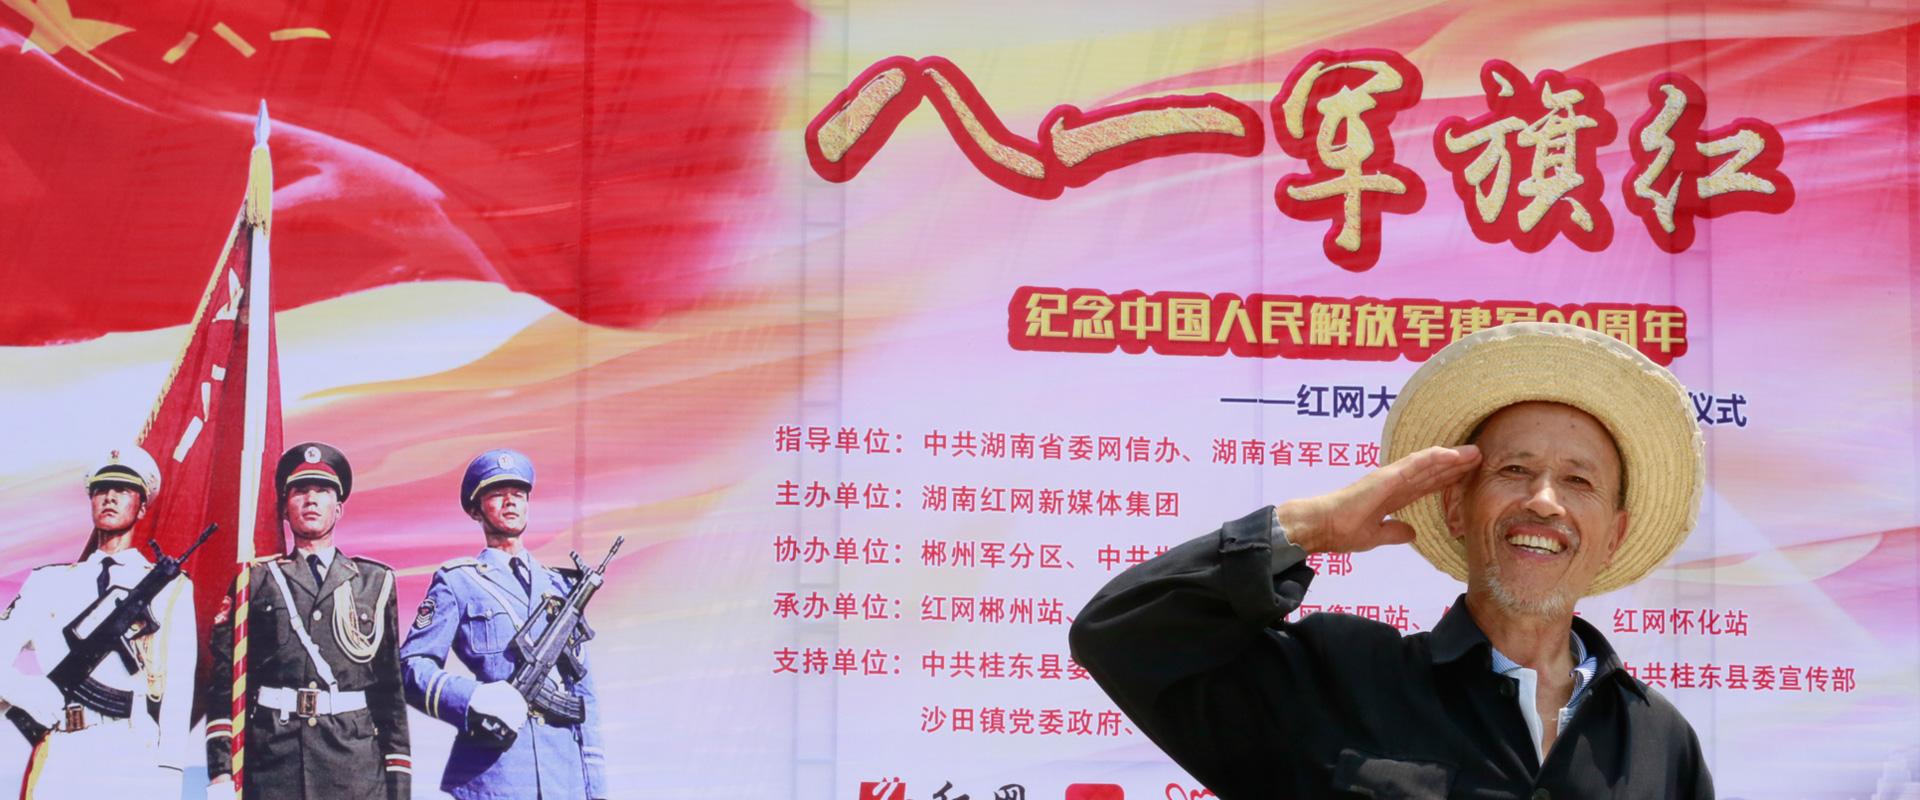 68岁援老抗美军人郭俊胜满脸笑容地对着镜头行了一个军礼